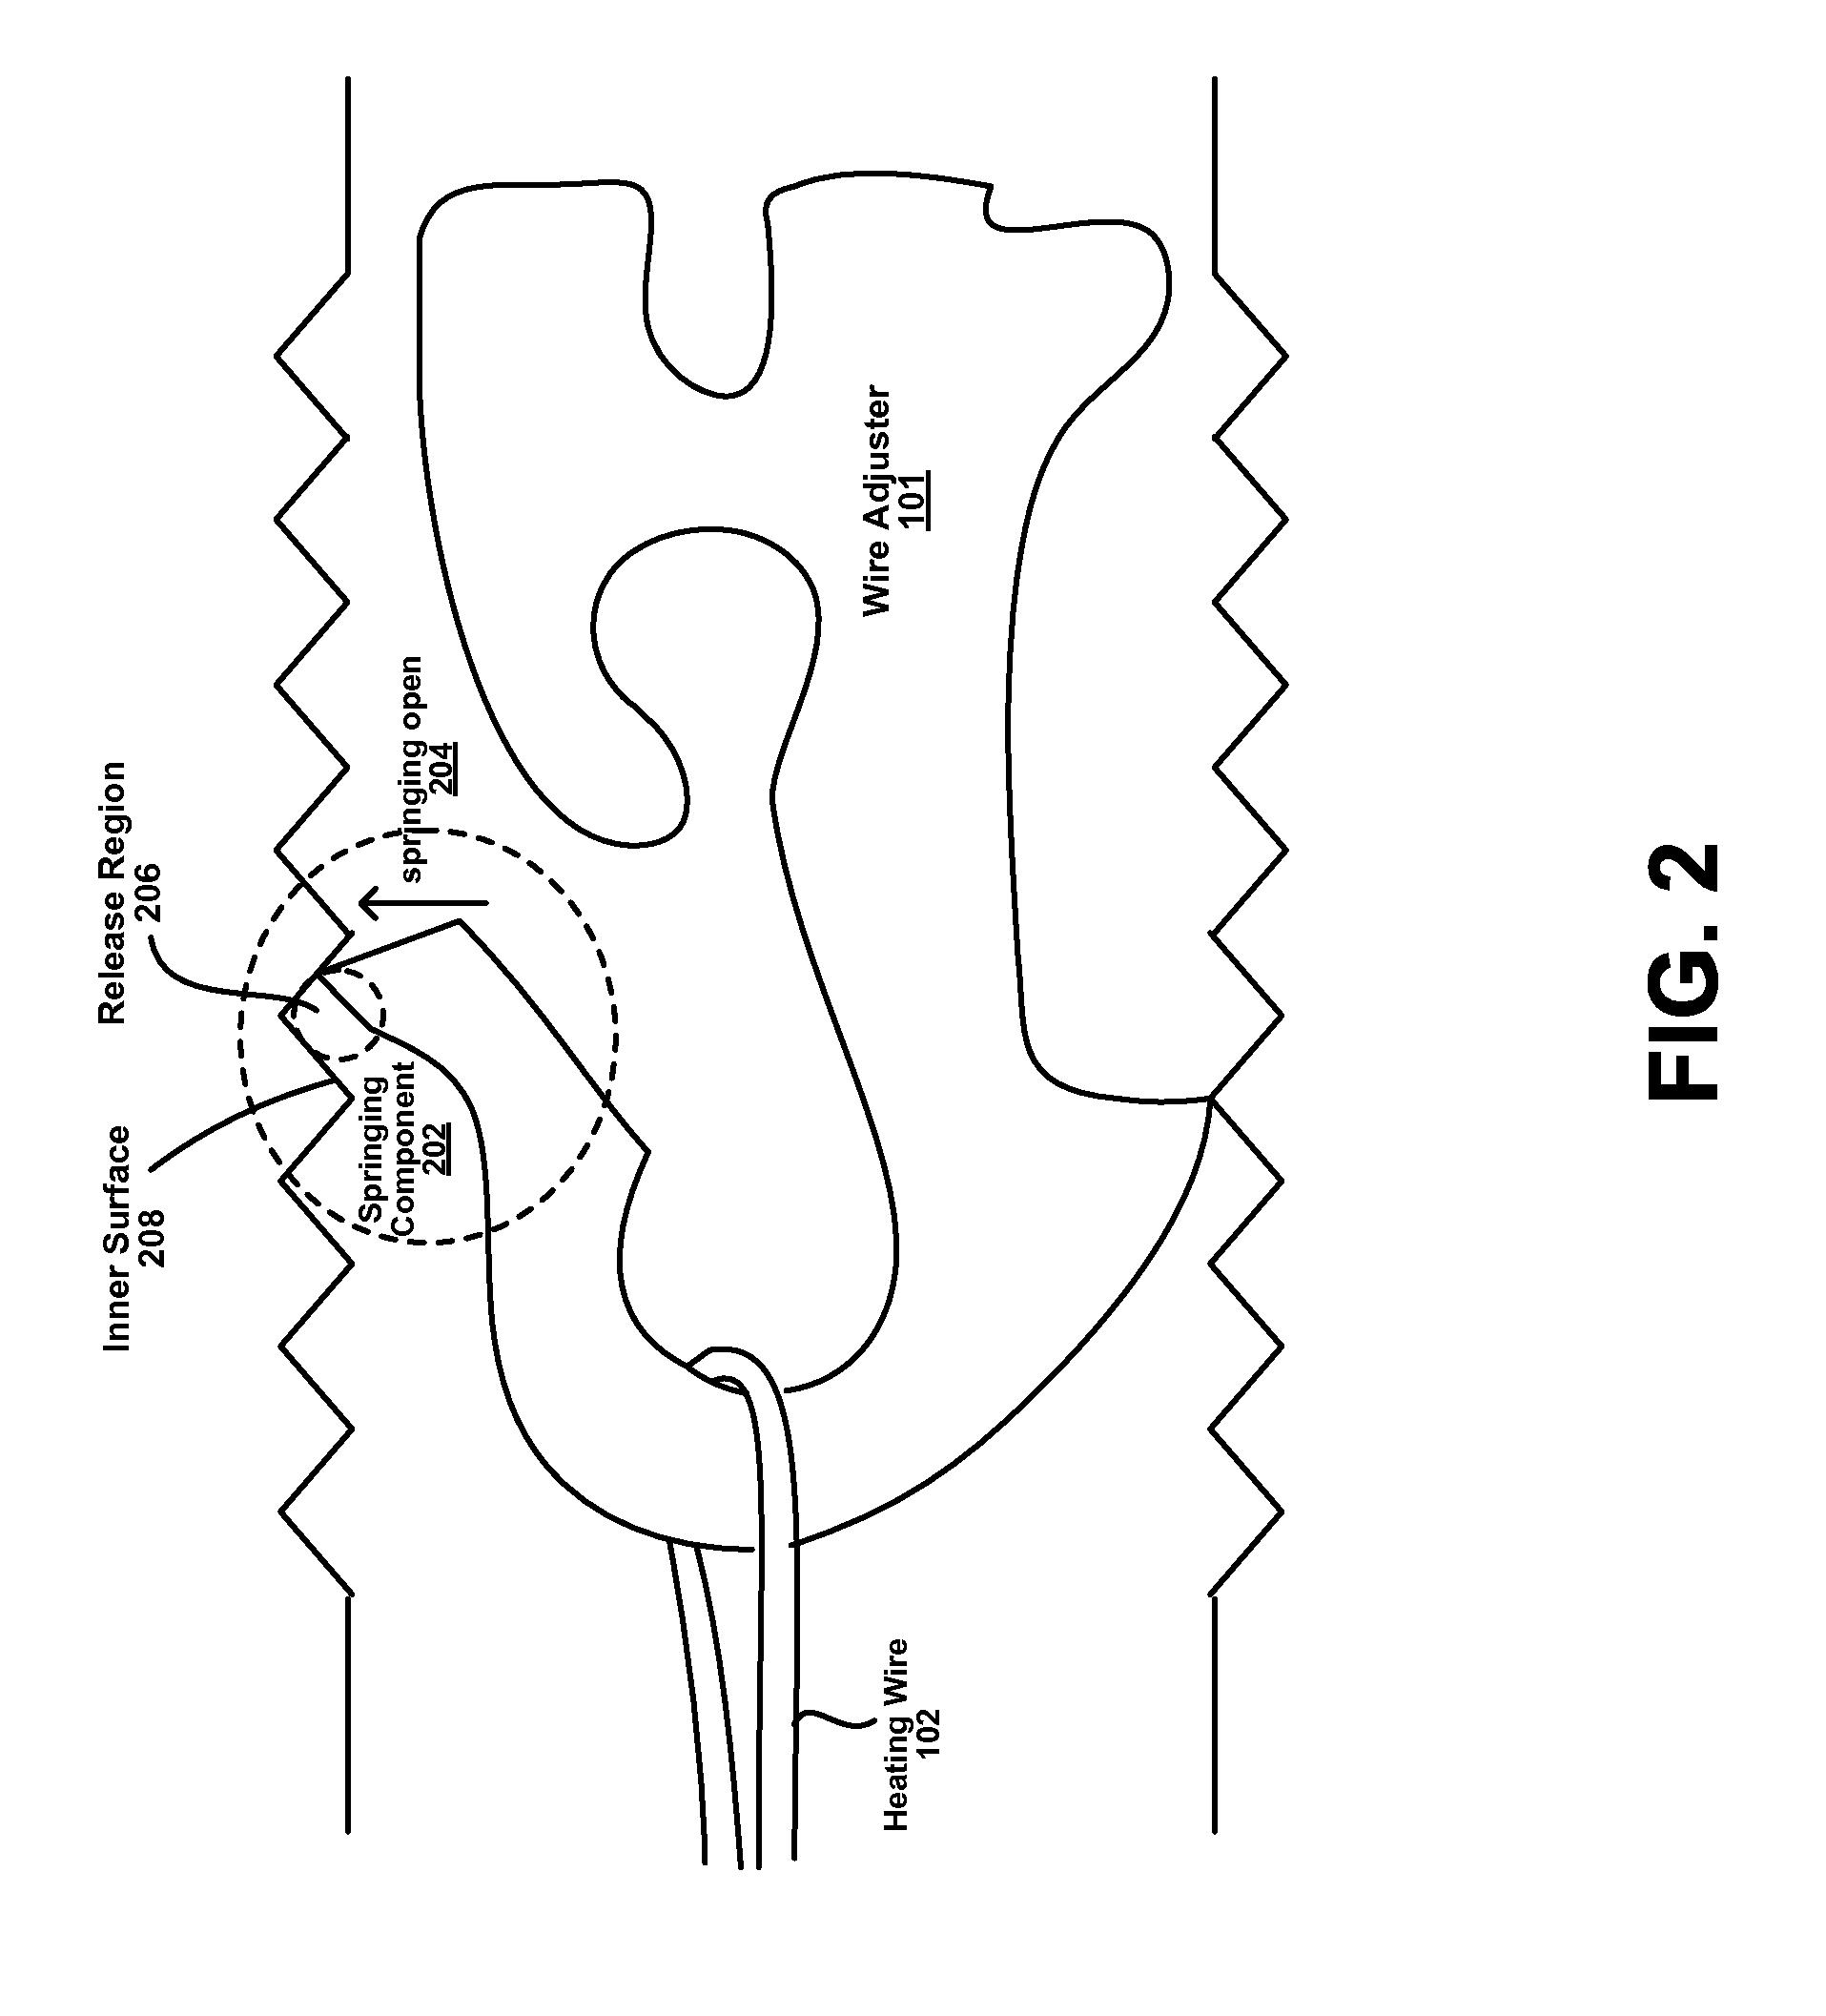 patent us20120060342